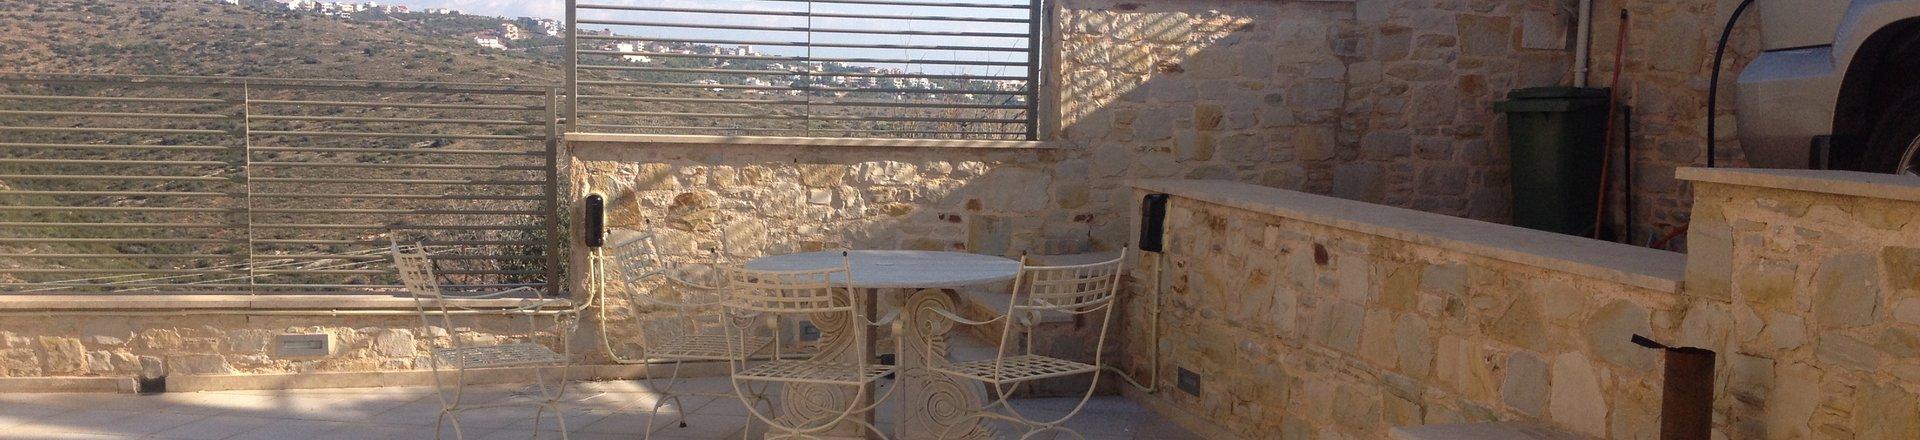 Περιμετρική ασφάλεια εξωτερικού χώρου σε οικία στο Ντράφι